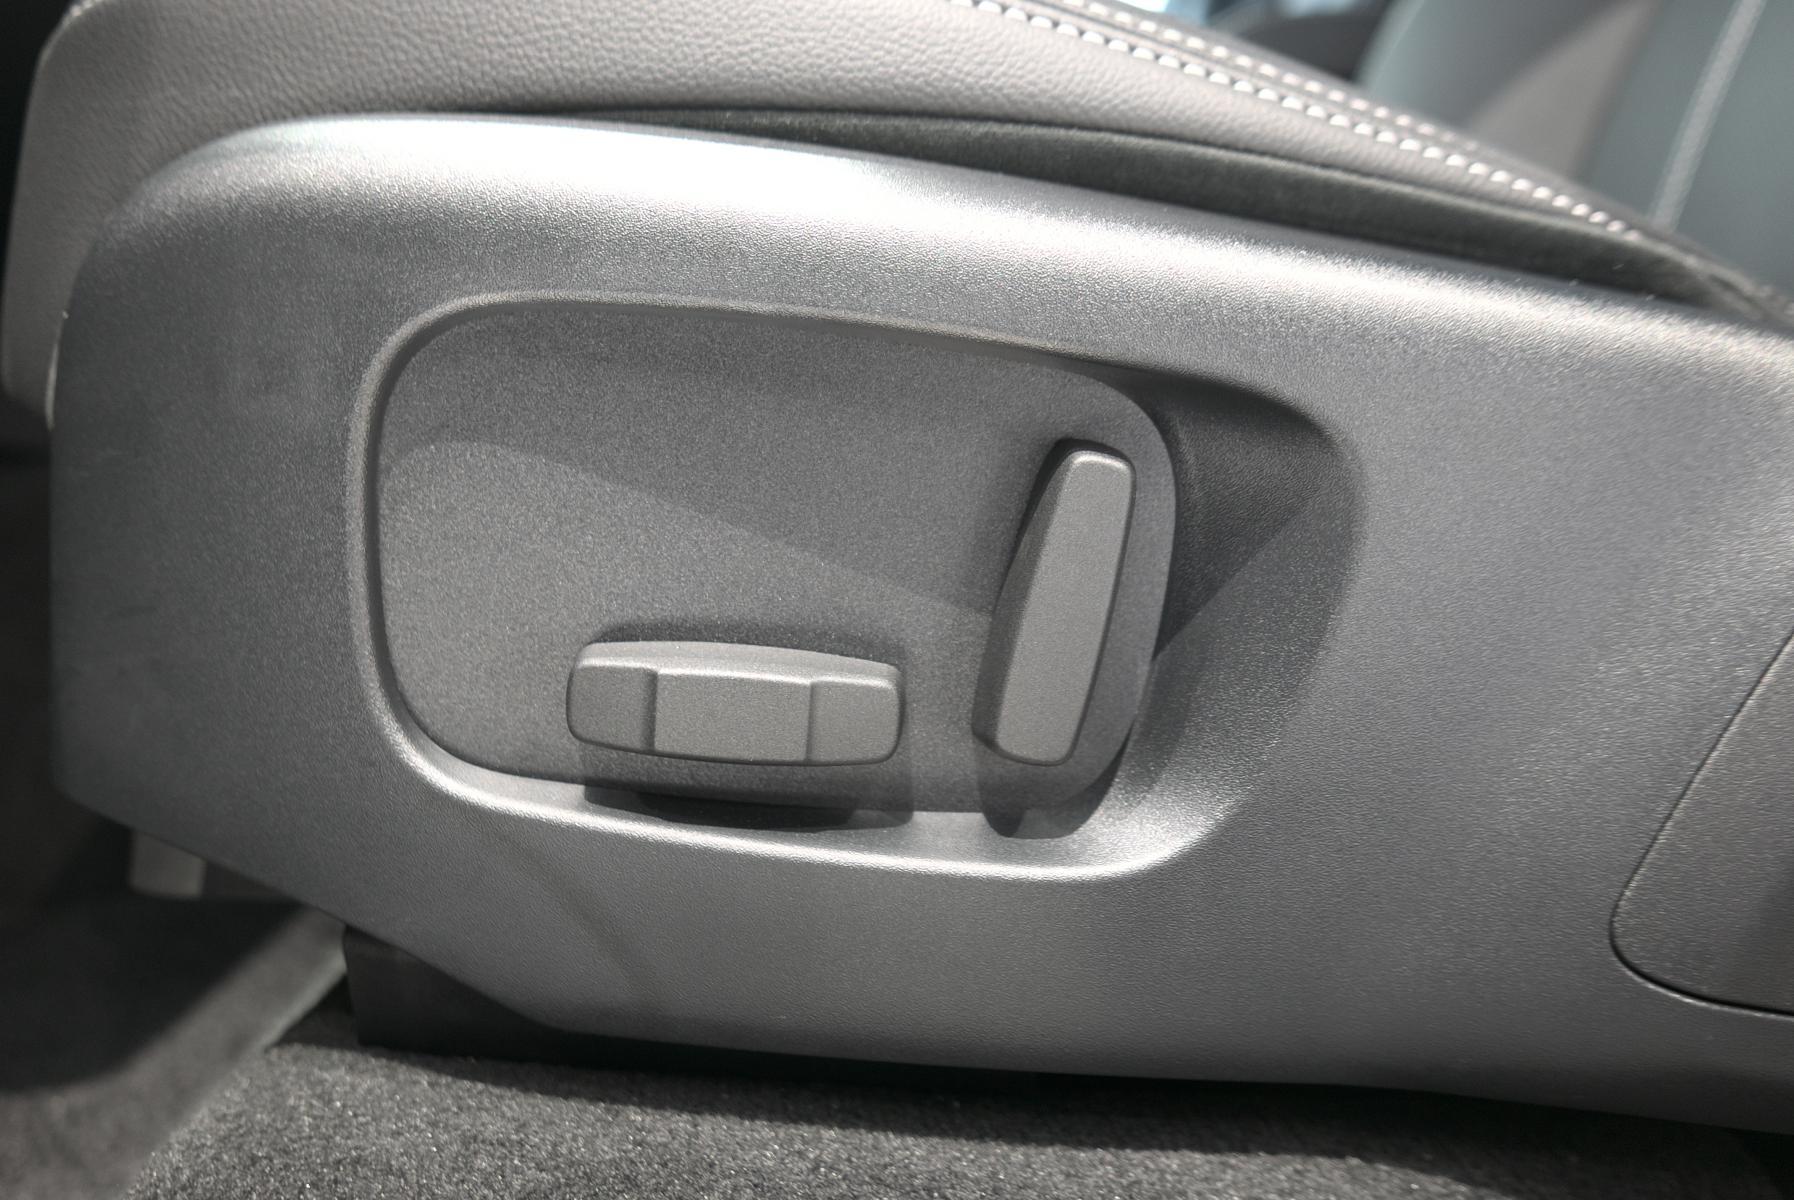 ヴェラール Rダイナミック S P300 シリコンシルバー 助手席側パワーシートスイッチ